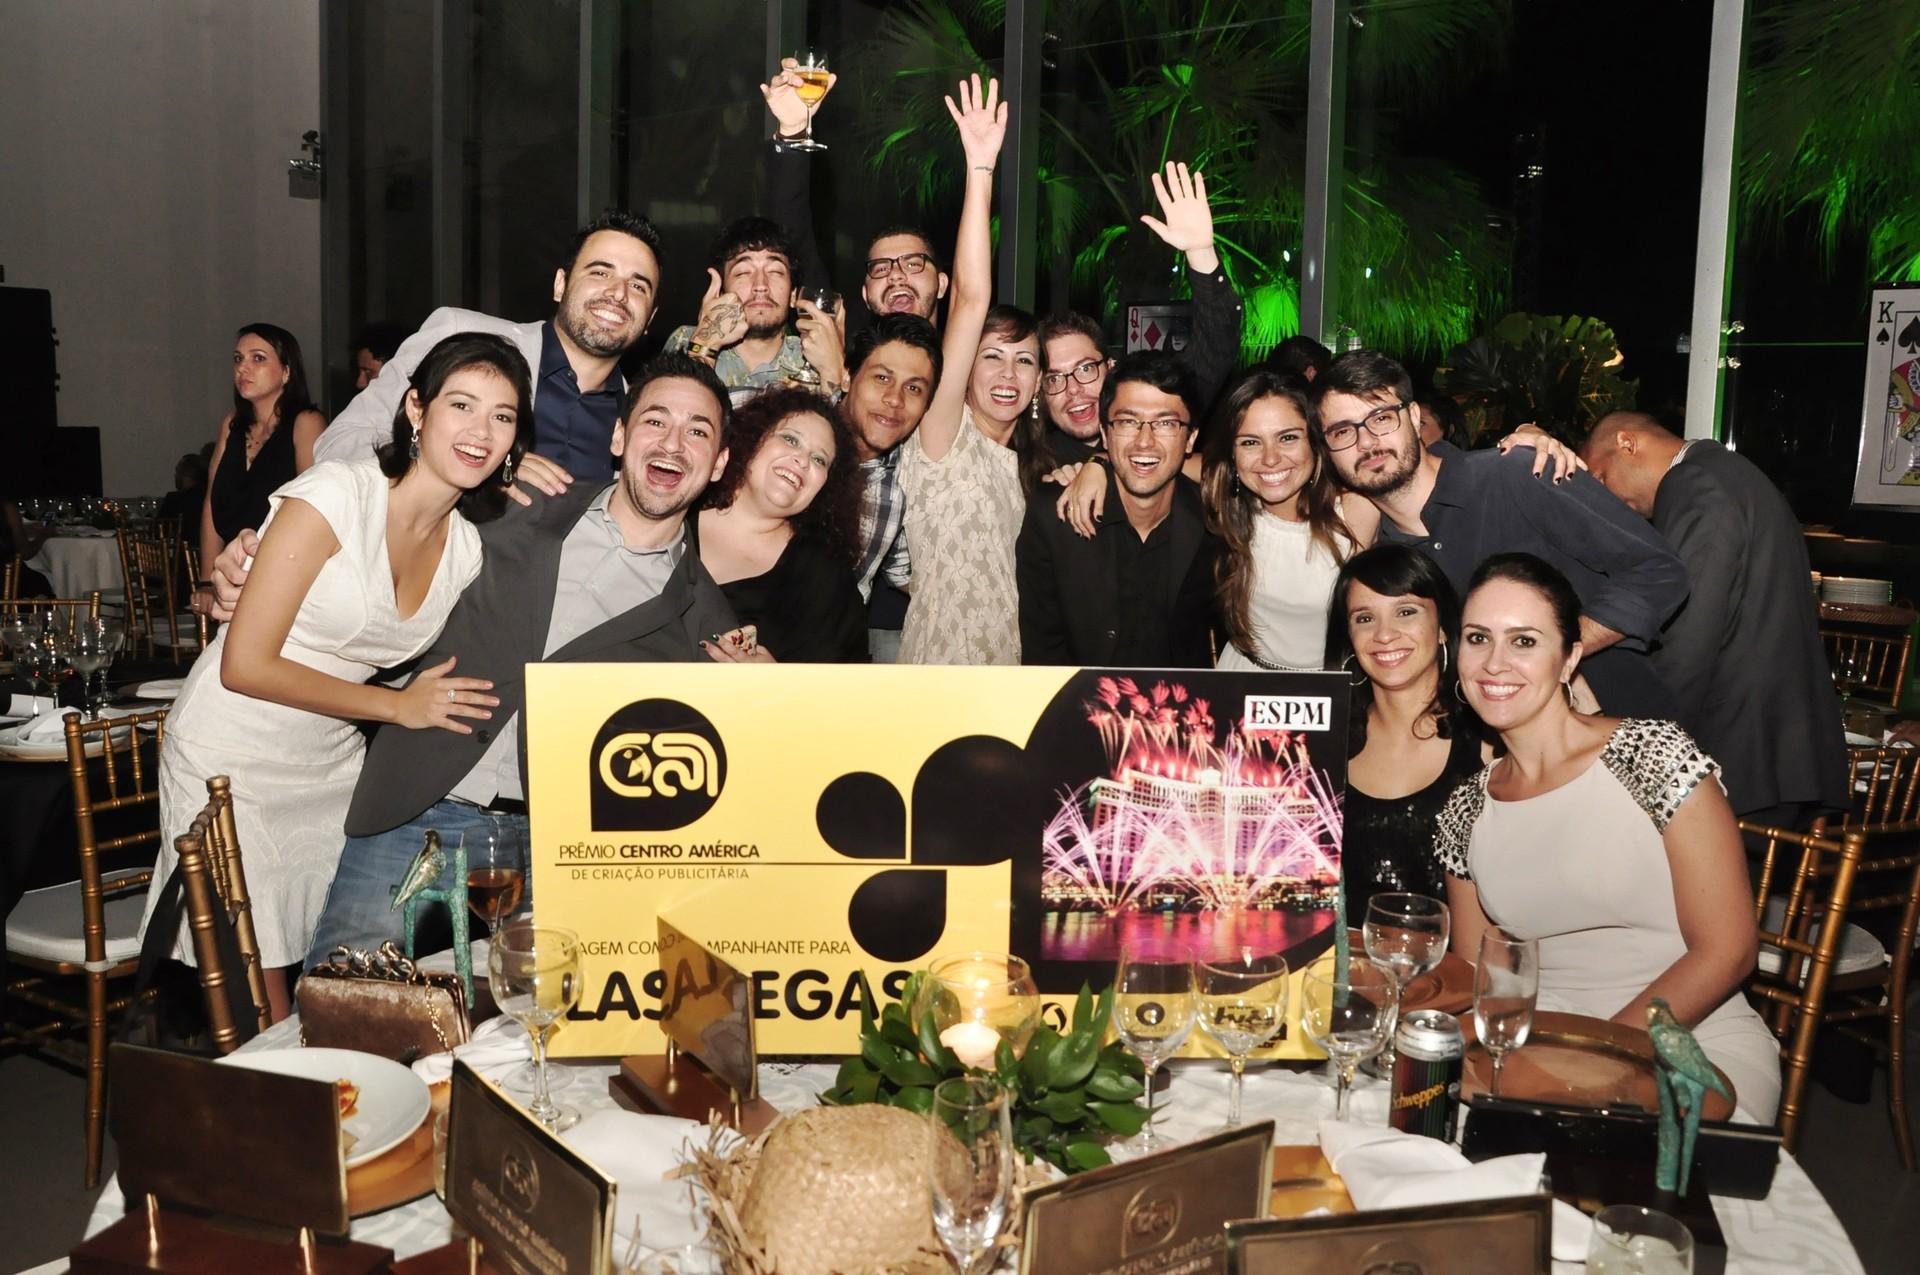 17ª edição Prêmio Centro América  (Foto: Neres)